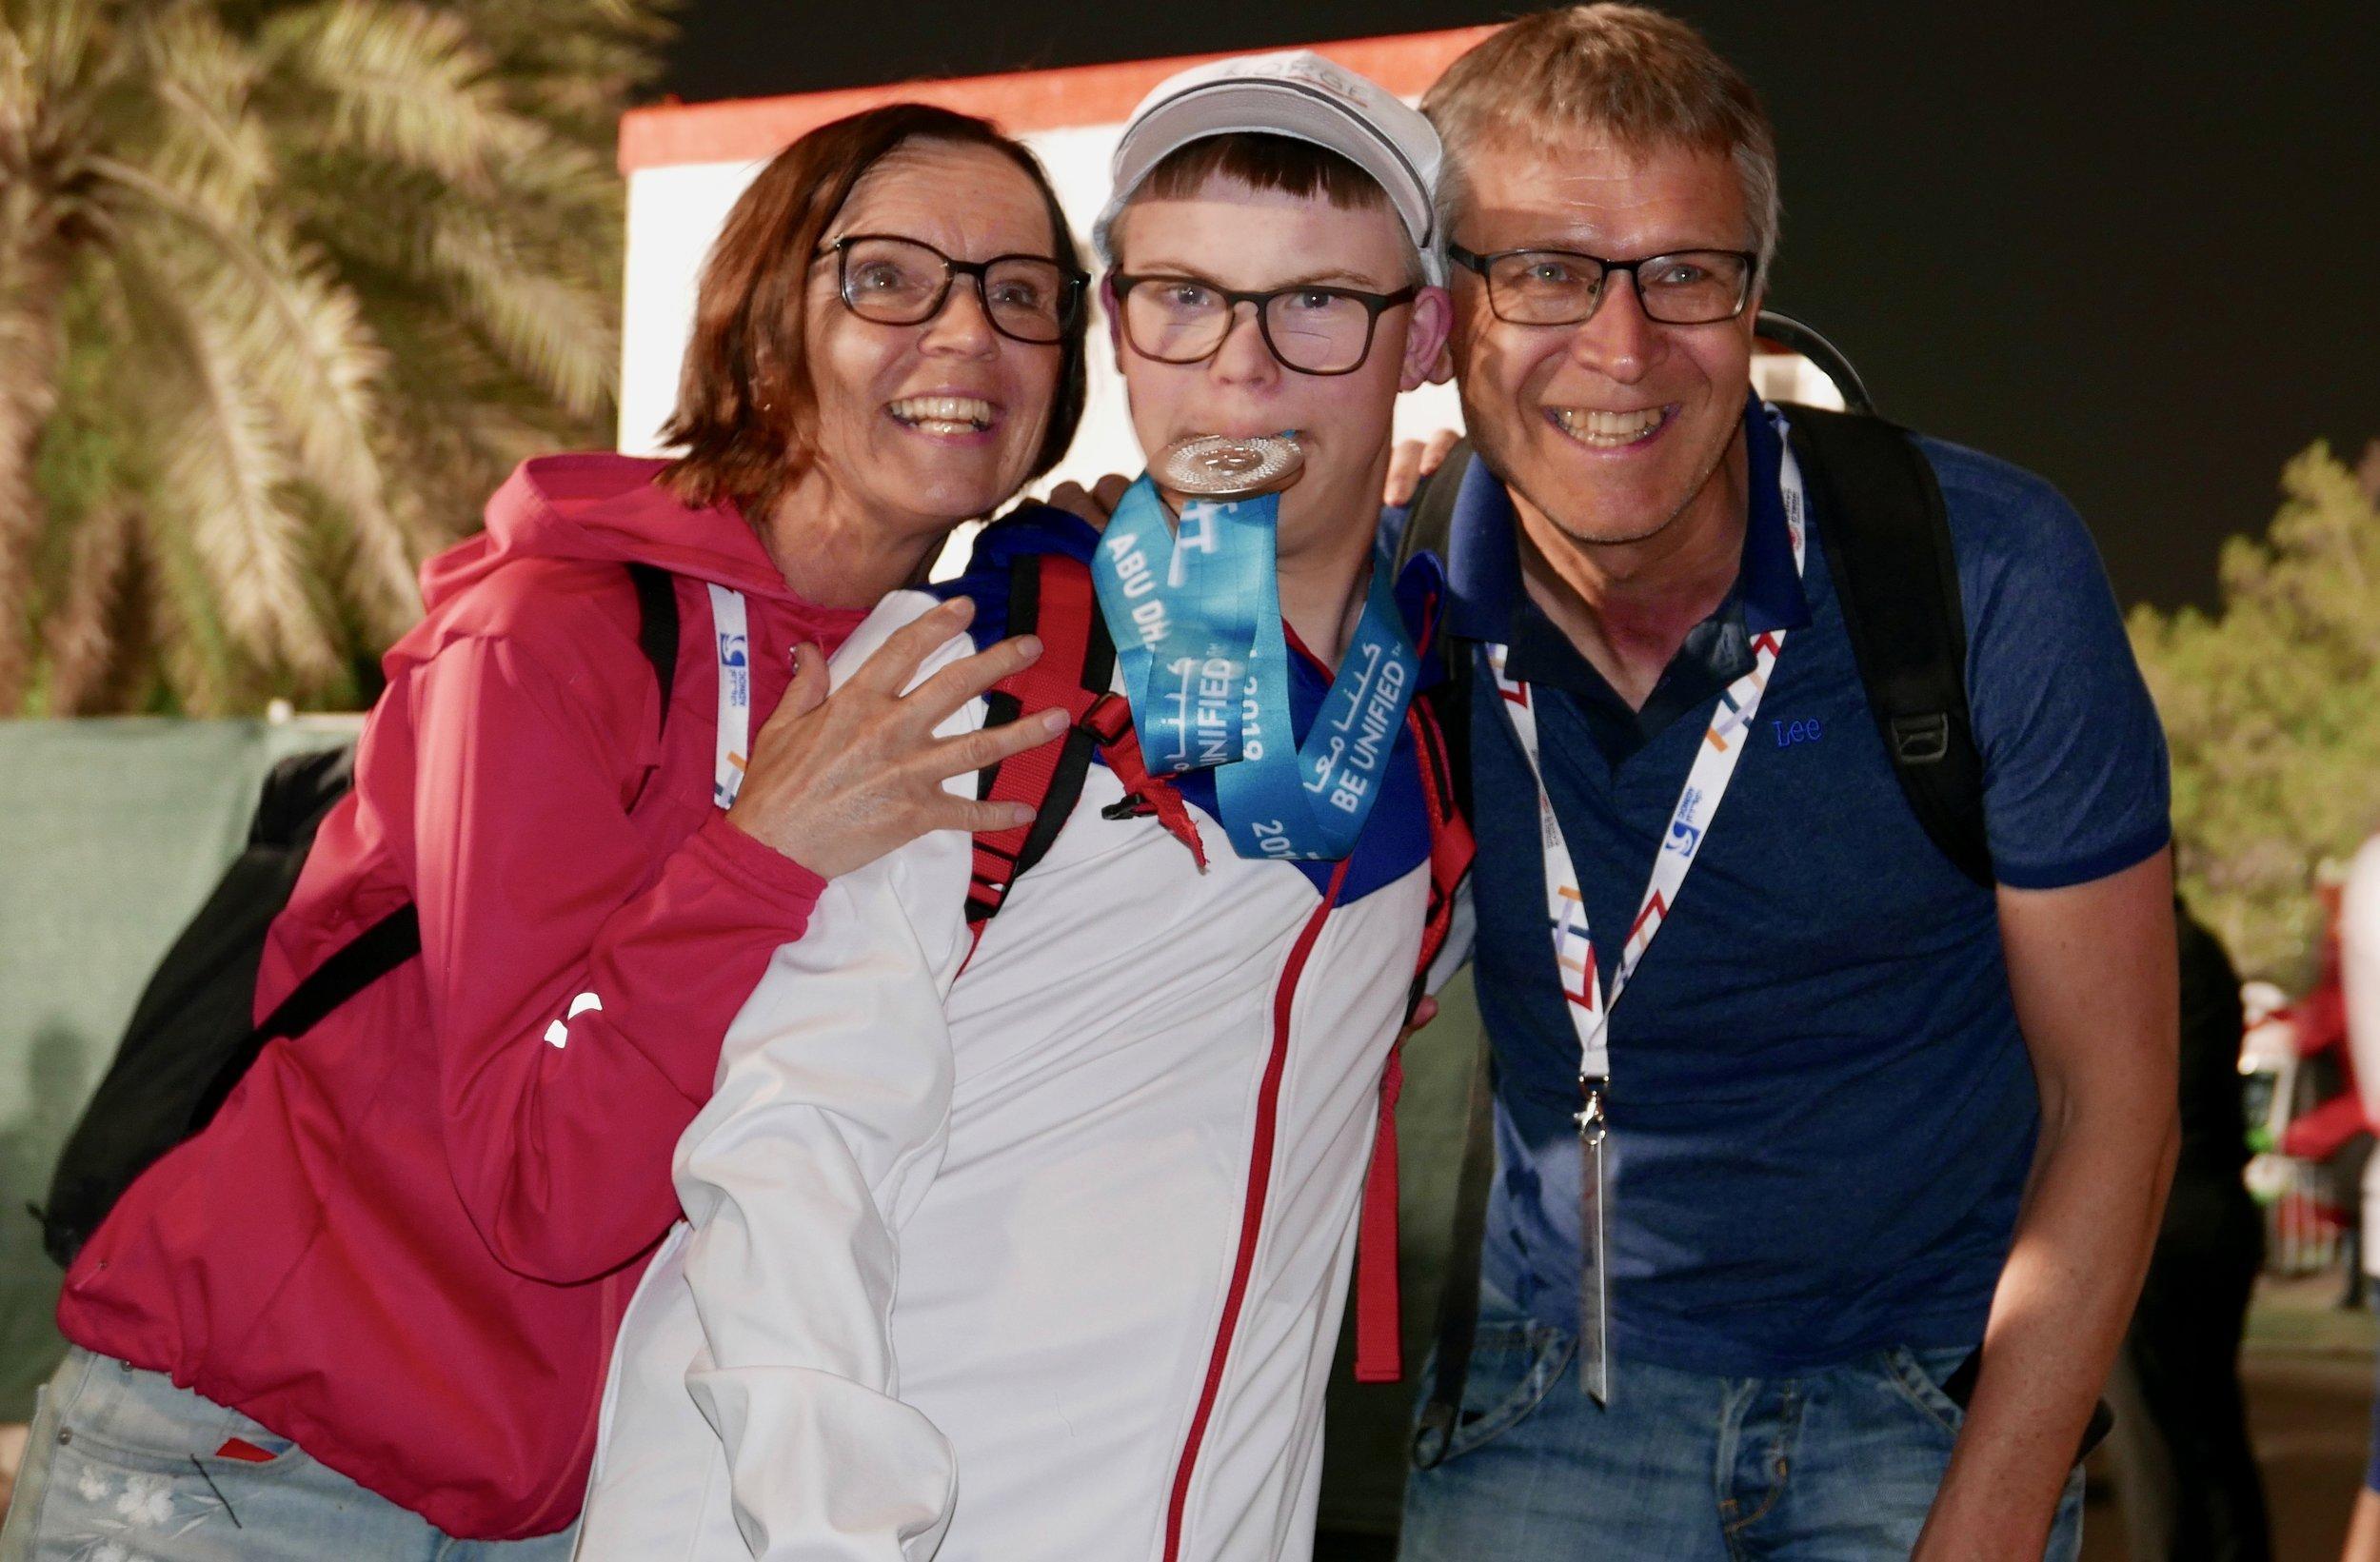 Heine ilag med foreldra sine; Marlen Eide Røssland og Lars Arve Røssland. (Foto: Lars Ivarsøy)